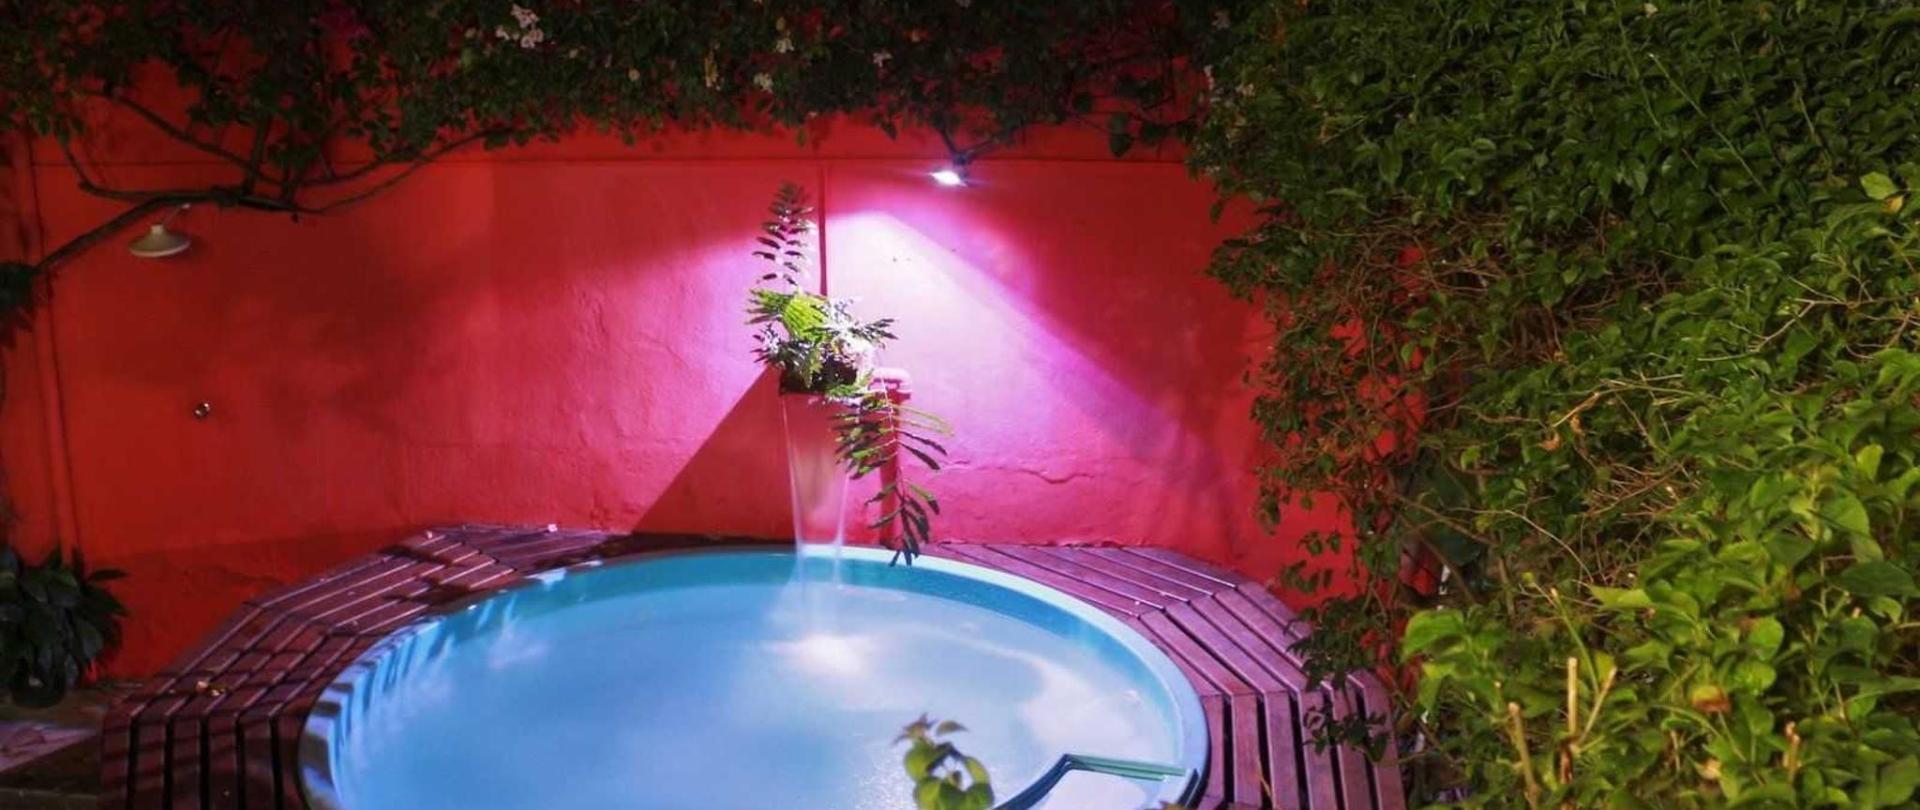 piscina-1-2.JPG